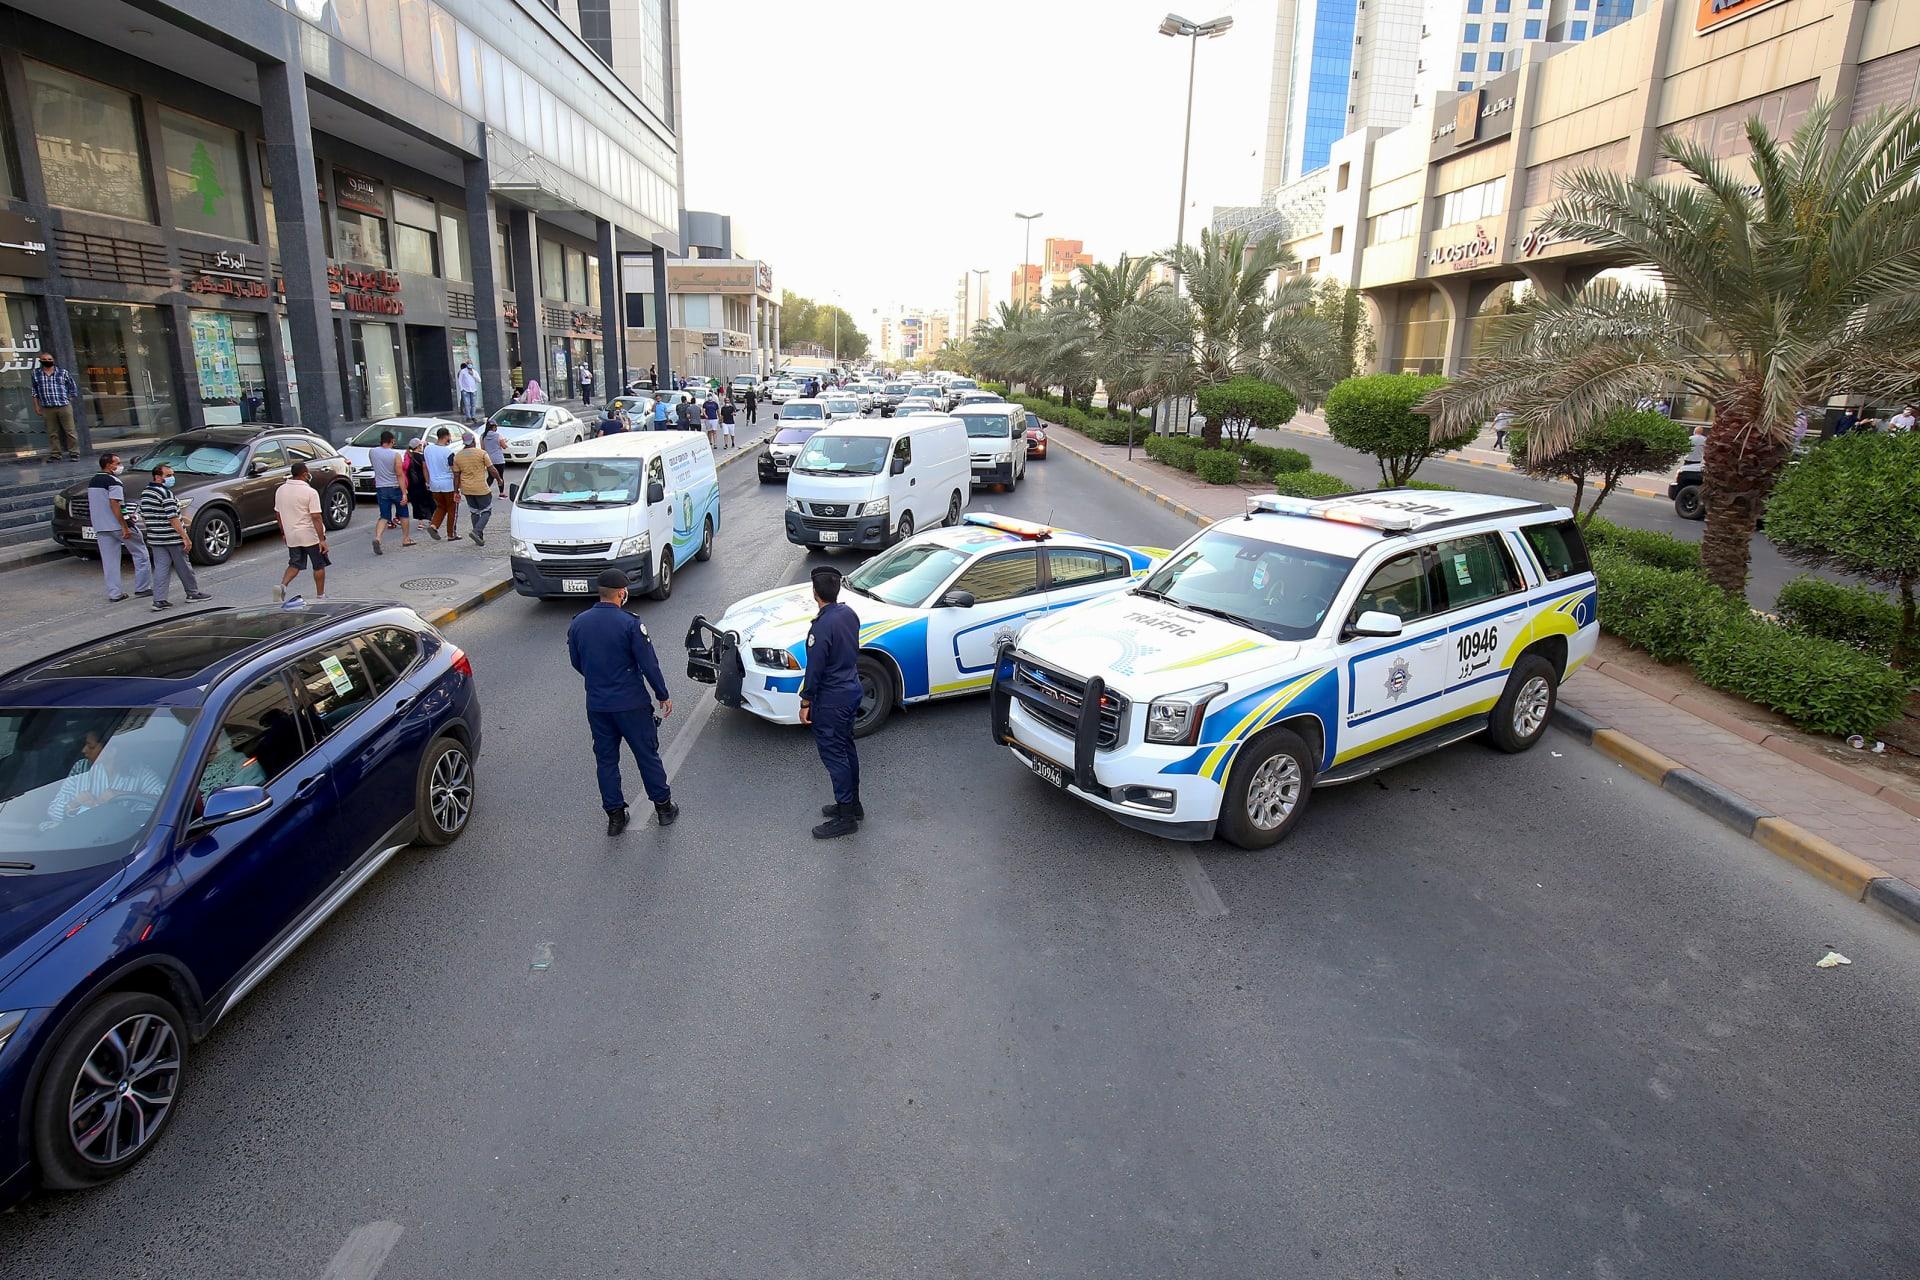 ناصر من الشرطة الكويتية يقفون نقطة تفتيش عند المدخل المؤدي إلى حي حولي بمدينة الكويت في 29 مايو 2020